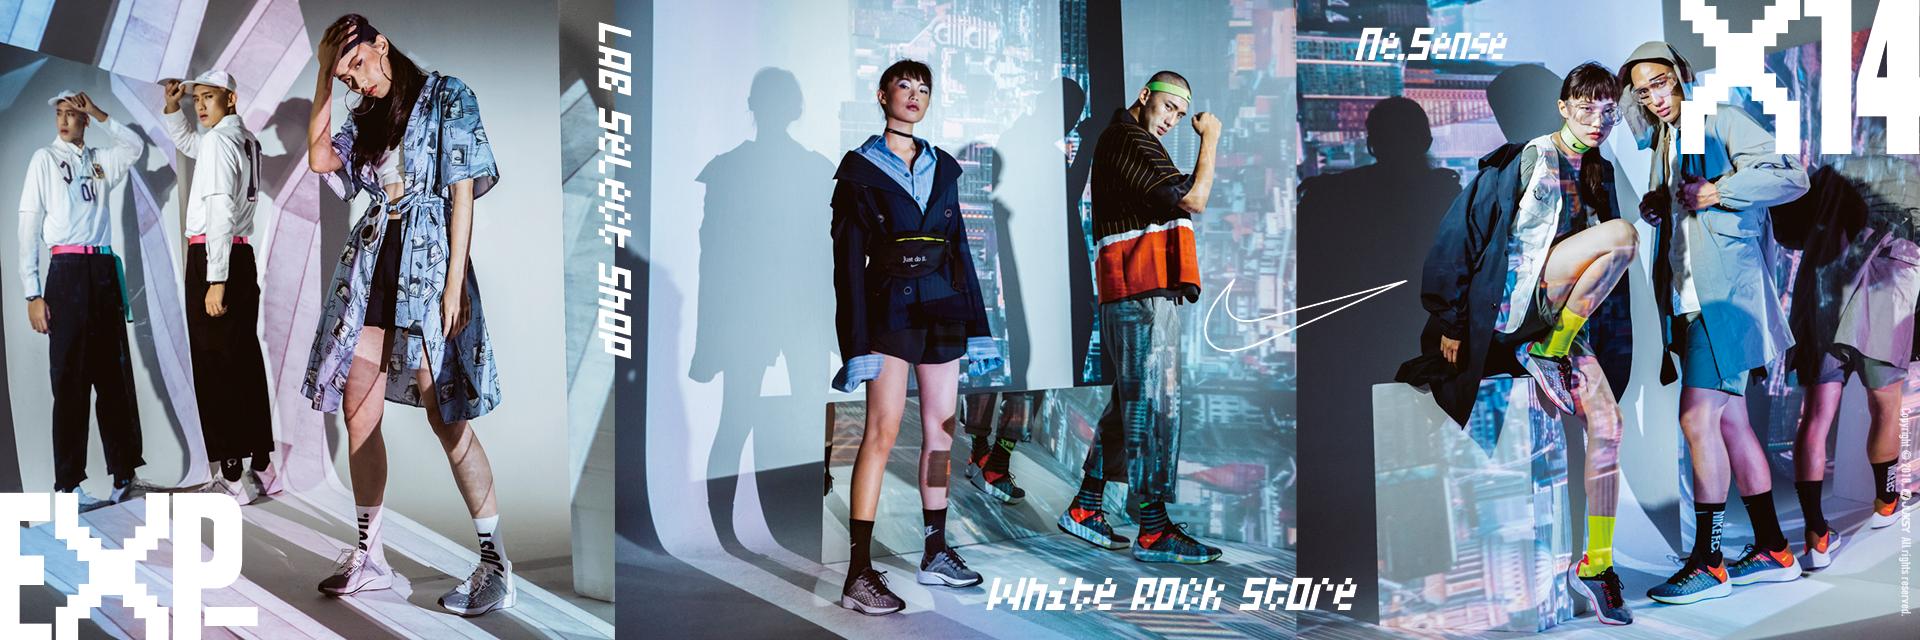 厭倦複製貼上的潮流?台北 3 大風格選貨店的「馭鞋術」,絕對要銘記在心